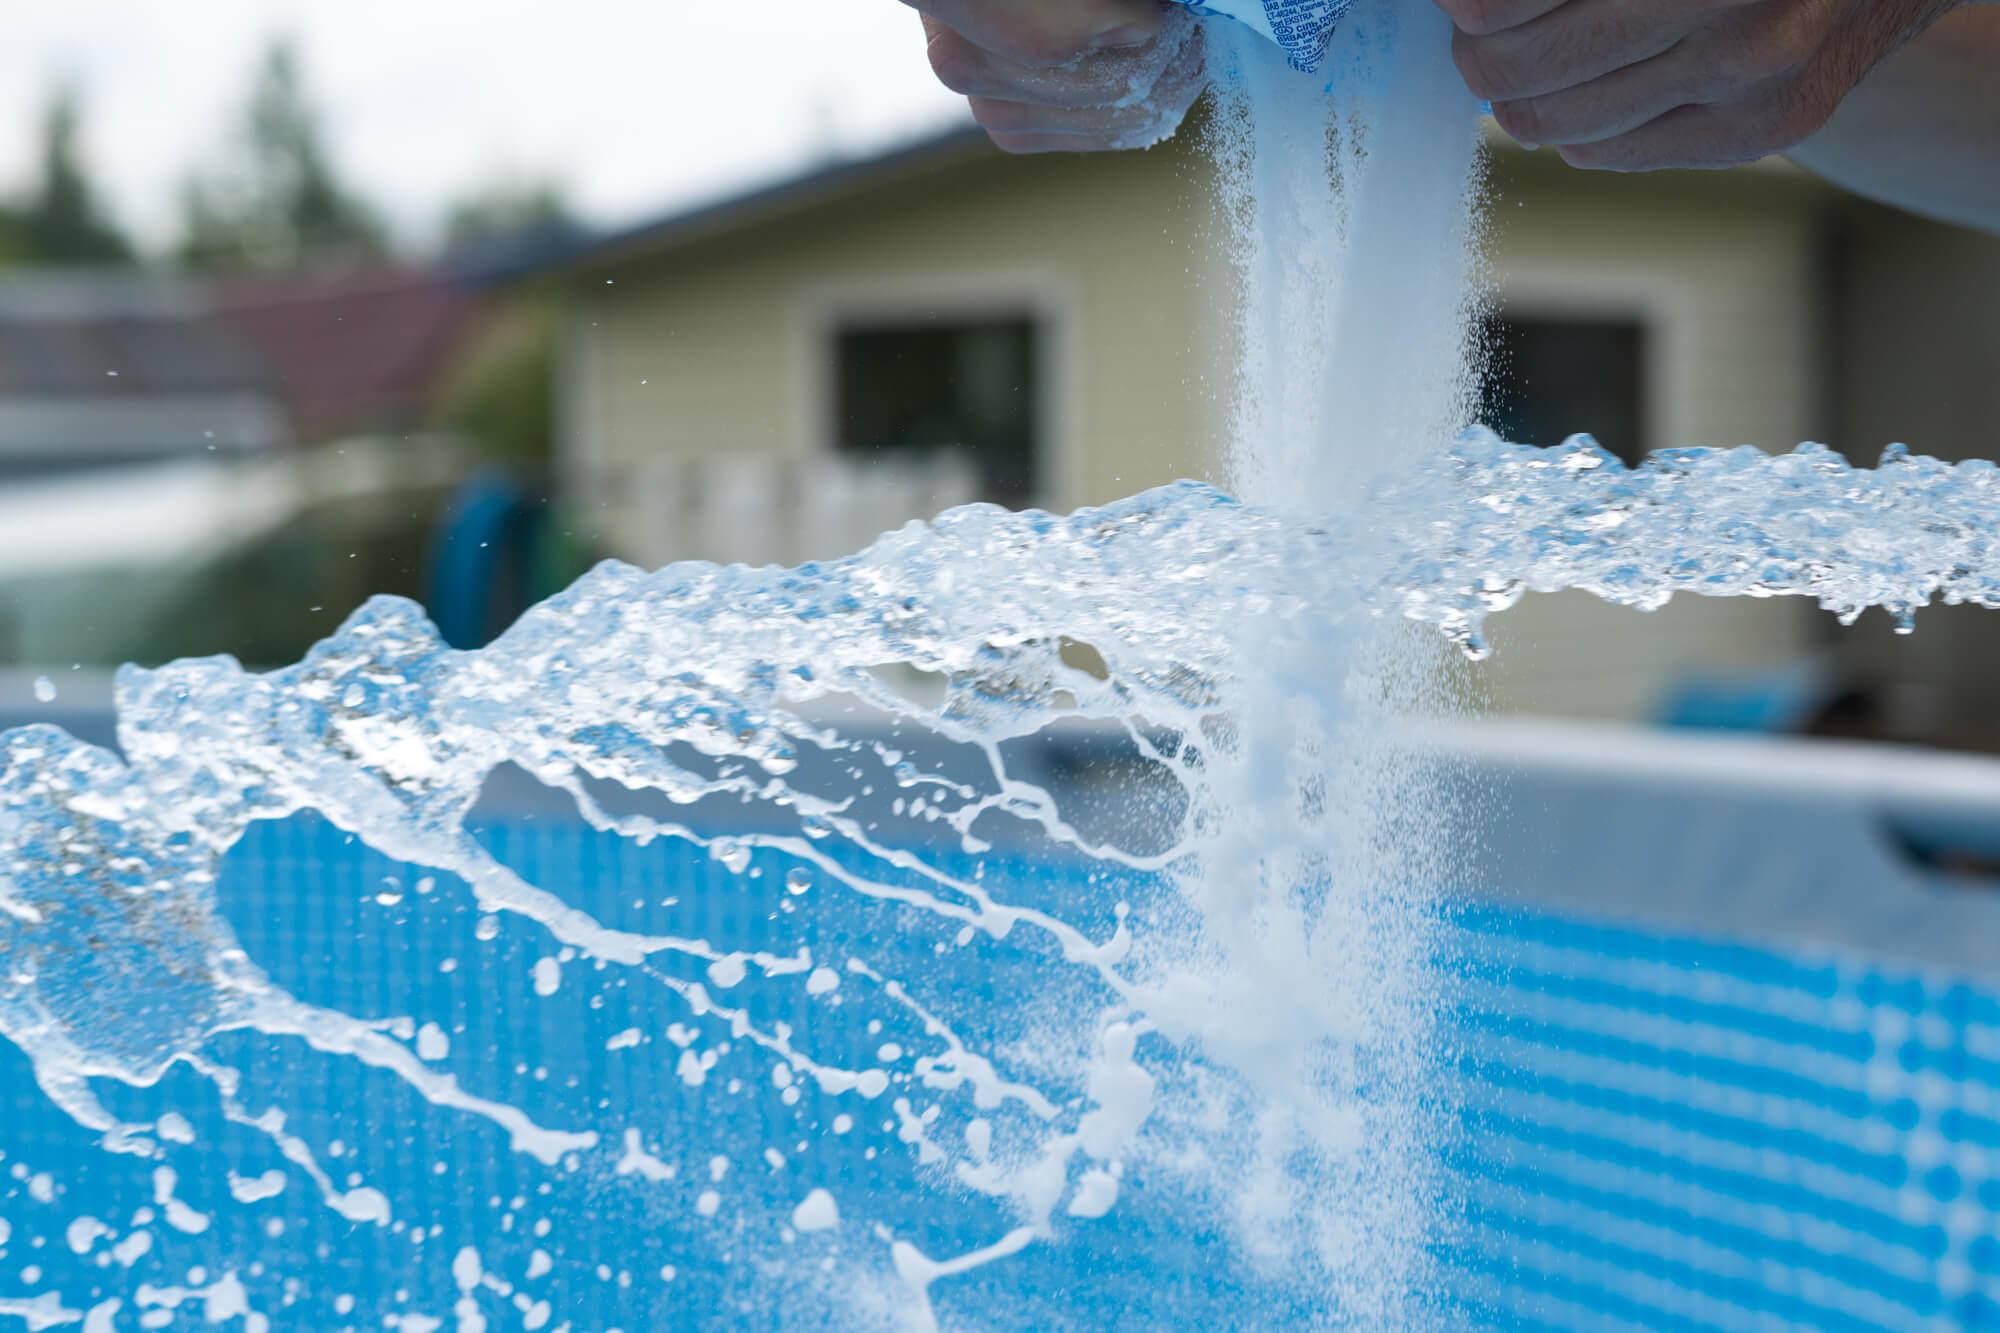 Cloro da piscina quais os riscos do contato em excesso extrato farm cia de manipula o - Irritazione da cloro piscina ...